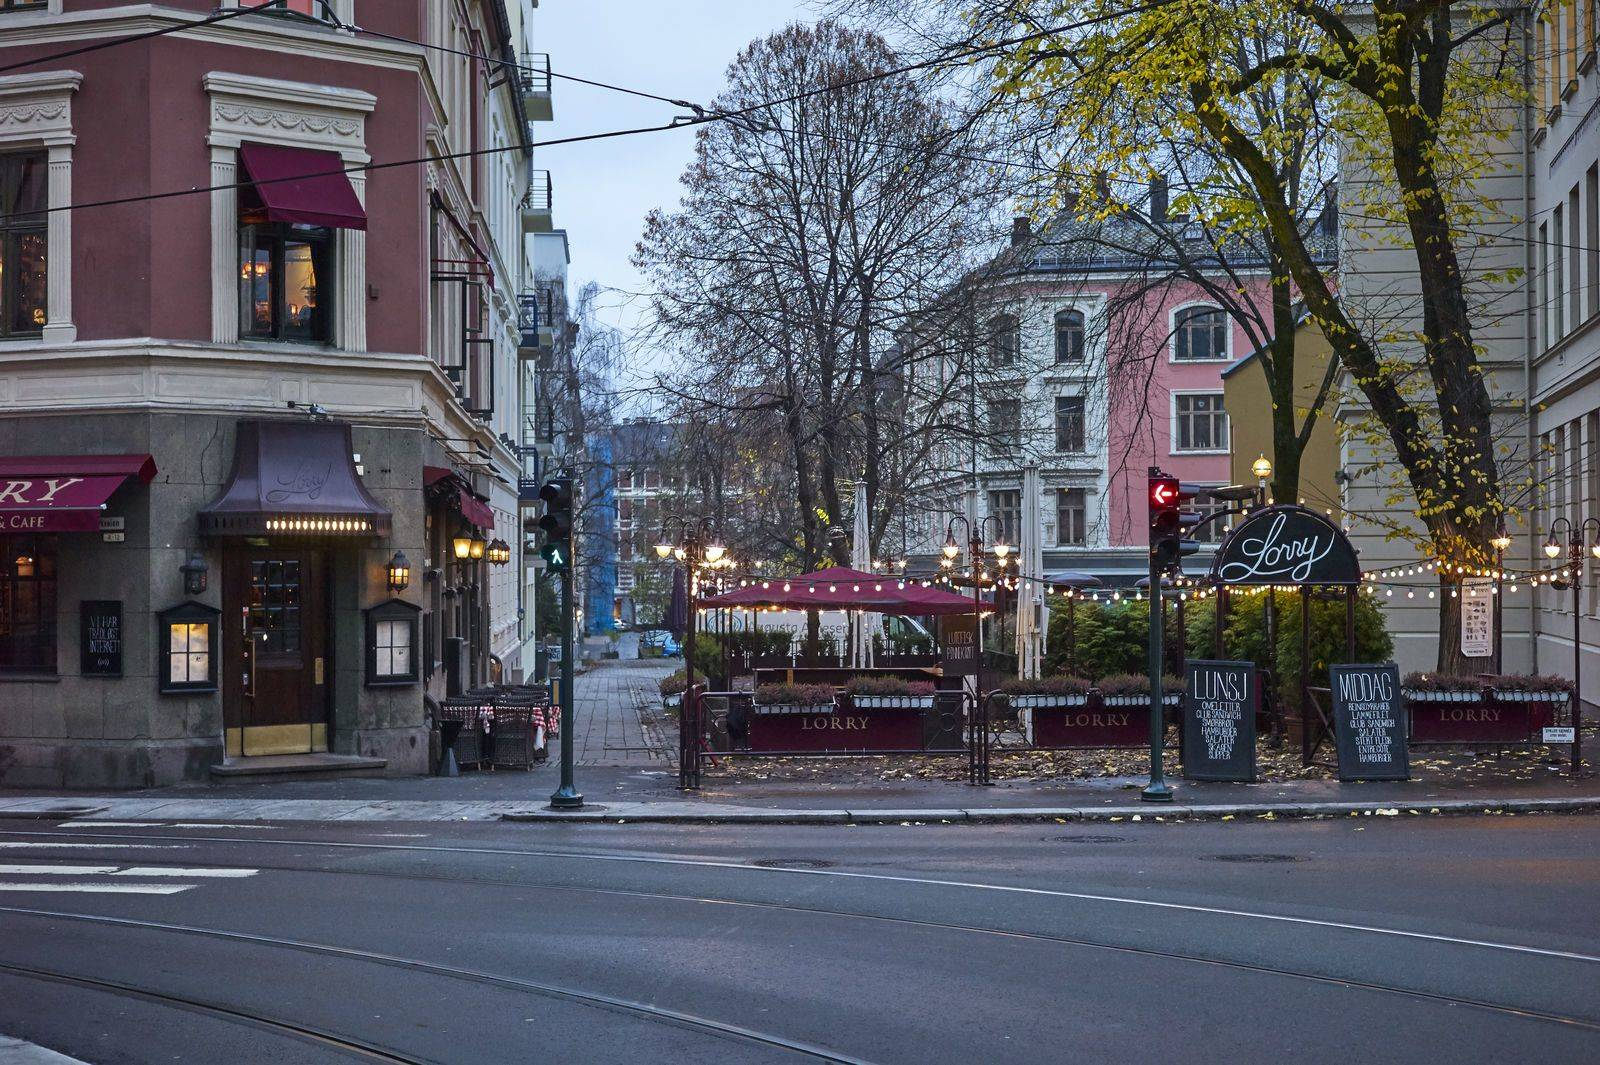 Et veikryss i storbyen med en pub på hjørnet. Foto: Øivind Haug